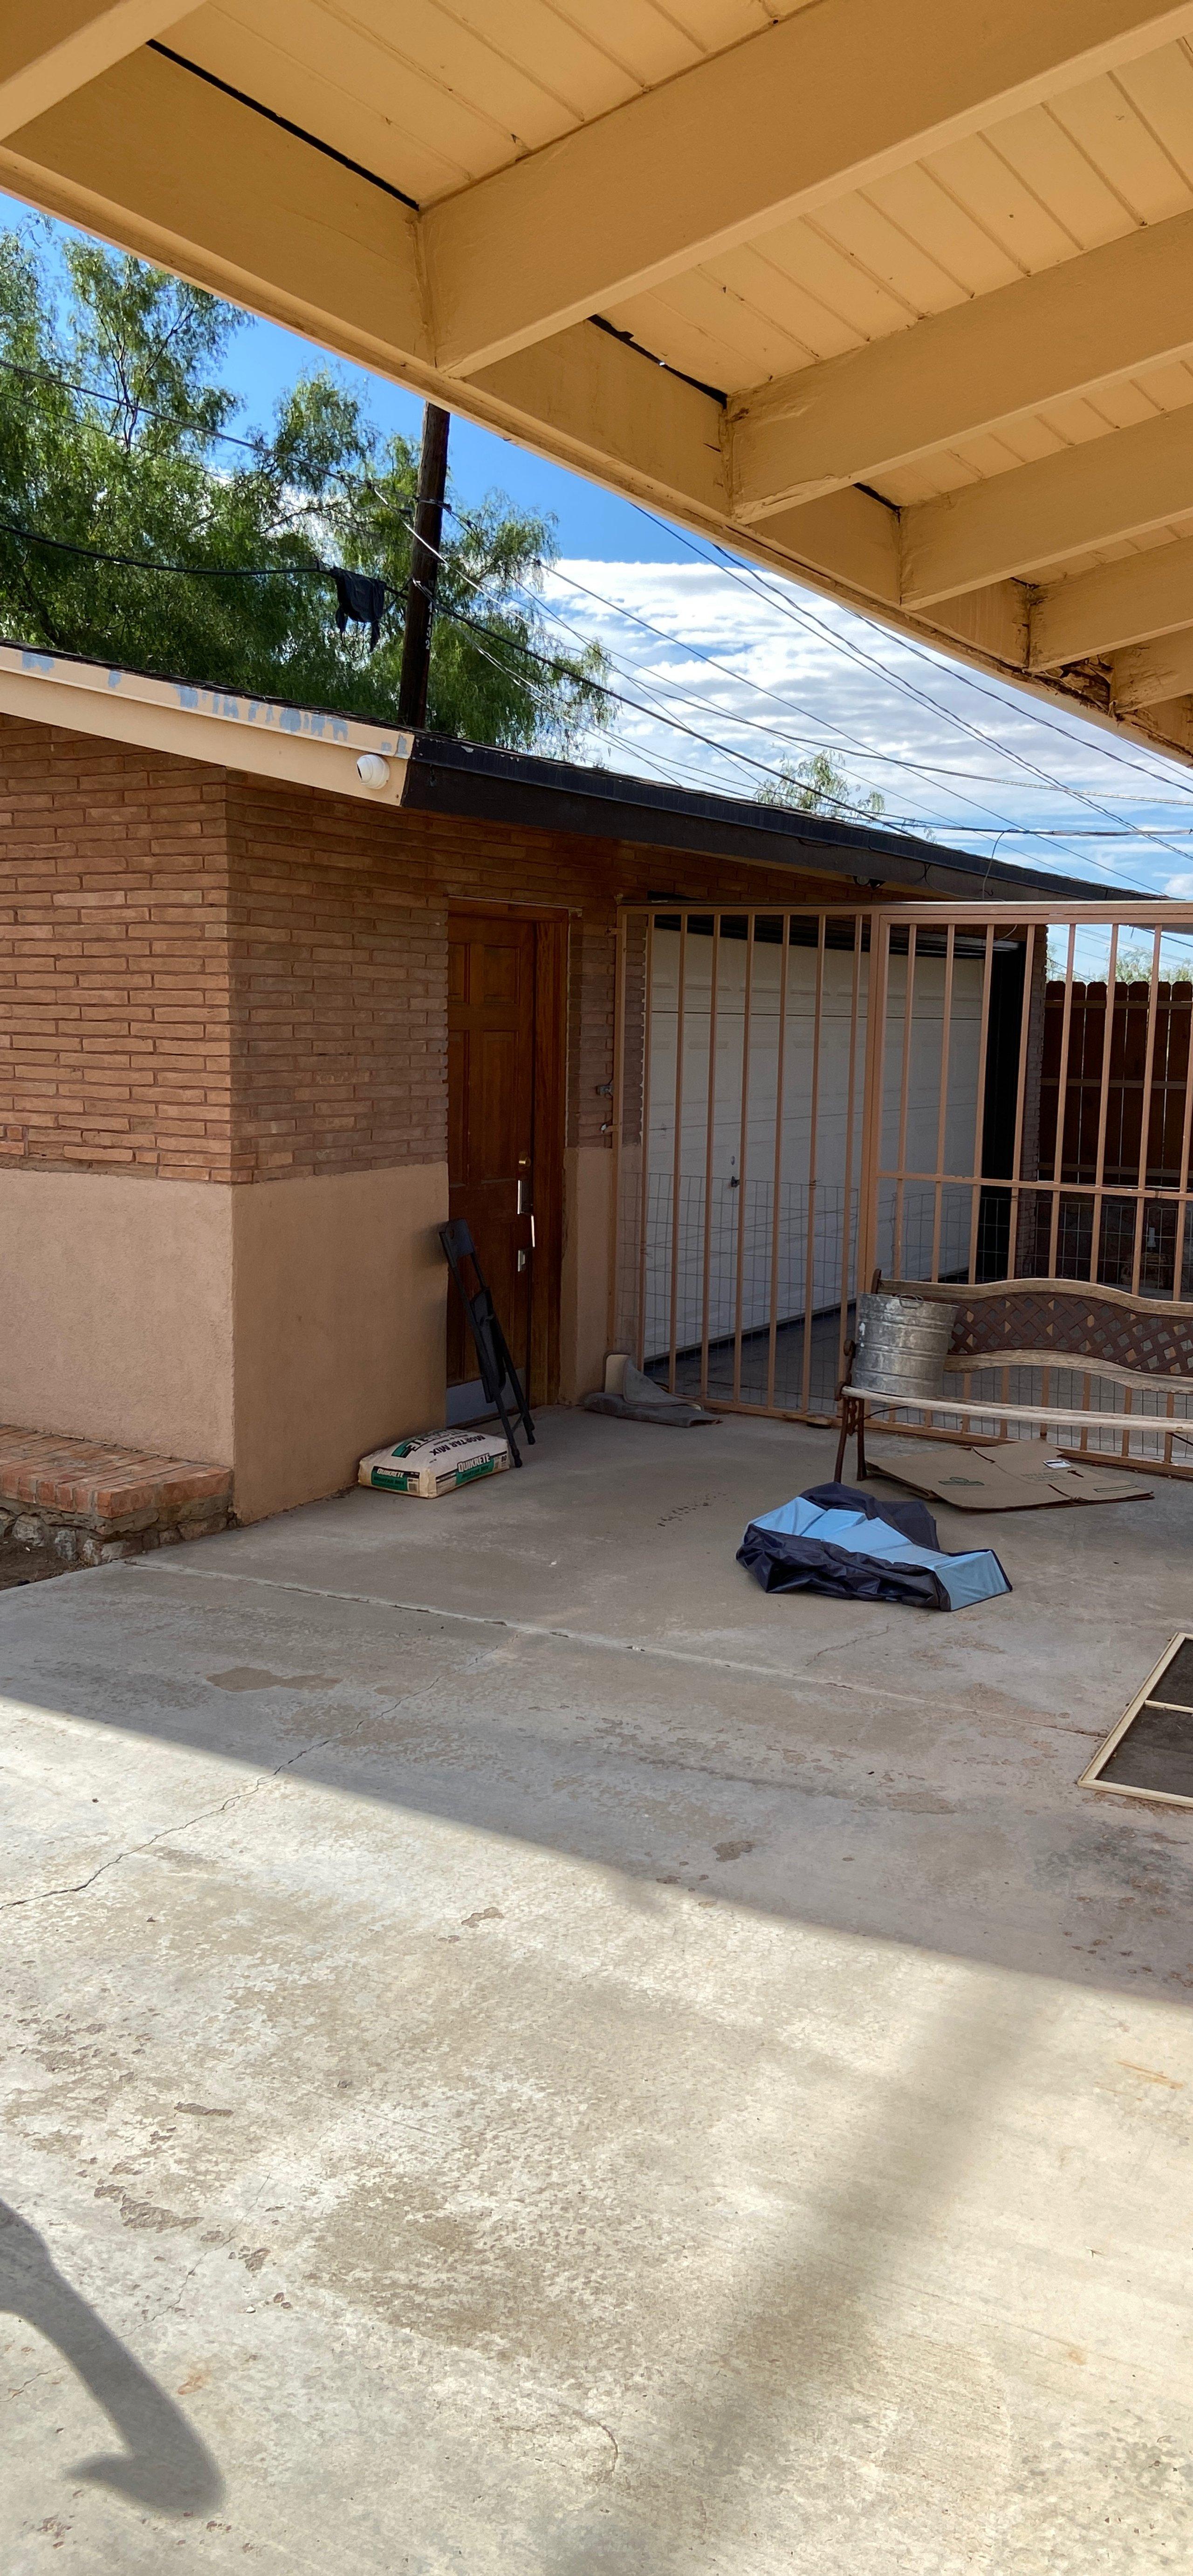 16x18 Garage self storage unit